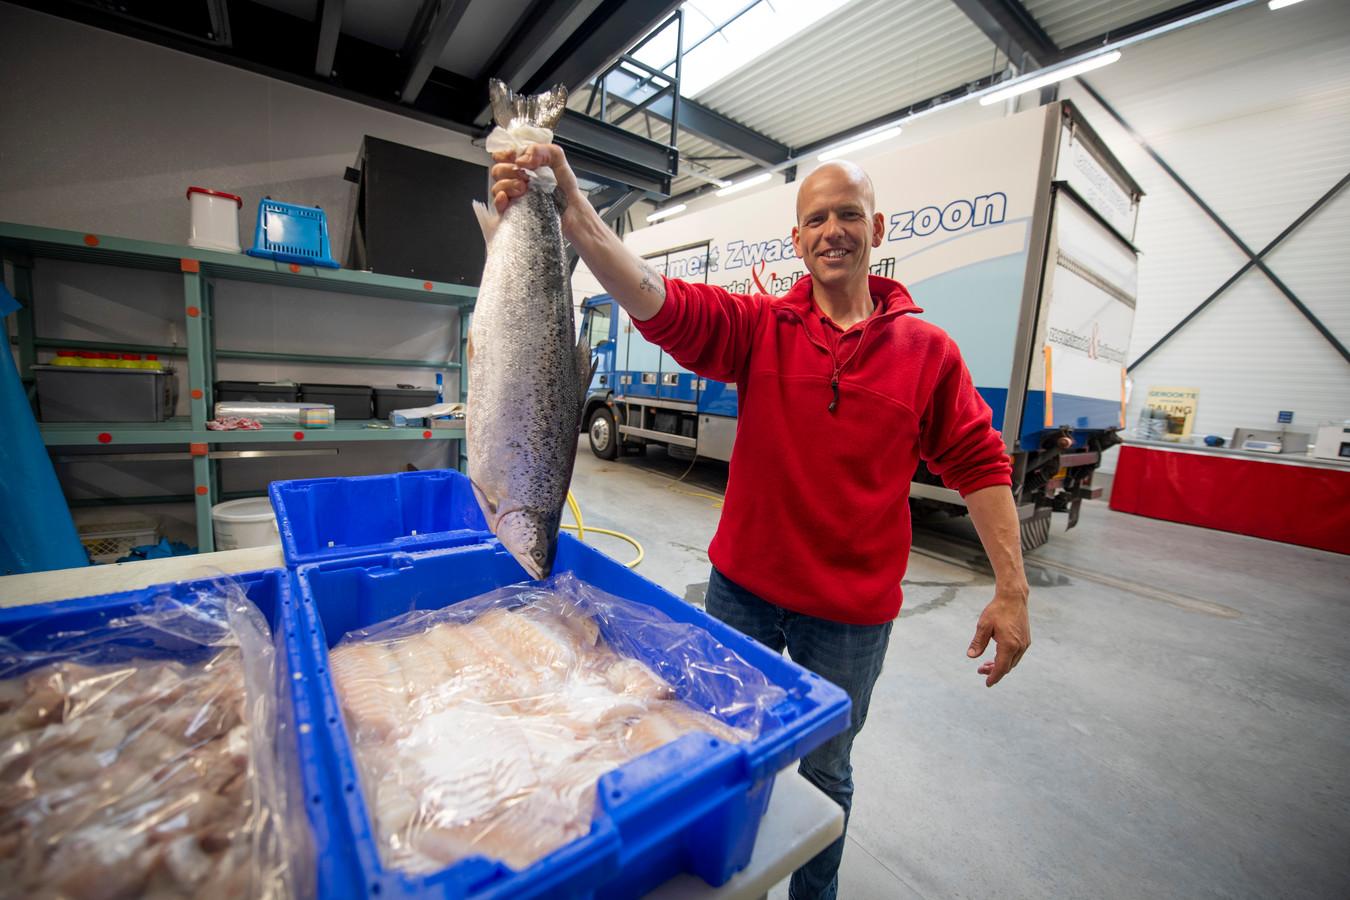 """Vishandelaar Jaco Zwaan in zijn koelpakhuis op bedrijventerrein 't Lochter in Nijverdal voordat hij gewond raakte bij een zwaar ongeval. """"Ik ben absoluut niet snel bang, maar ben enorm geschrokken van dit ongeluk.'"""